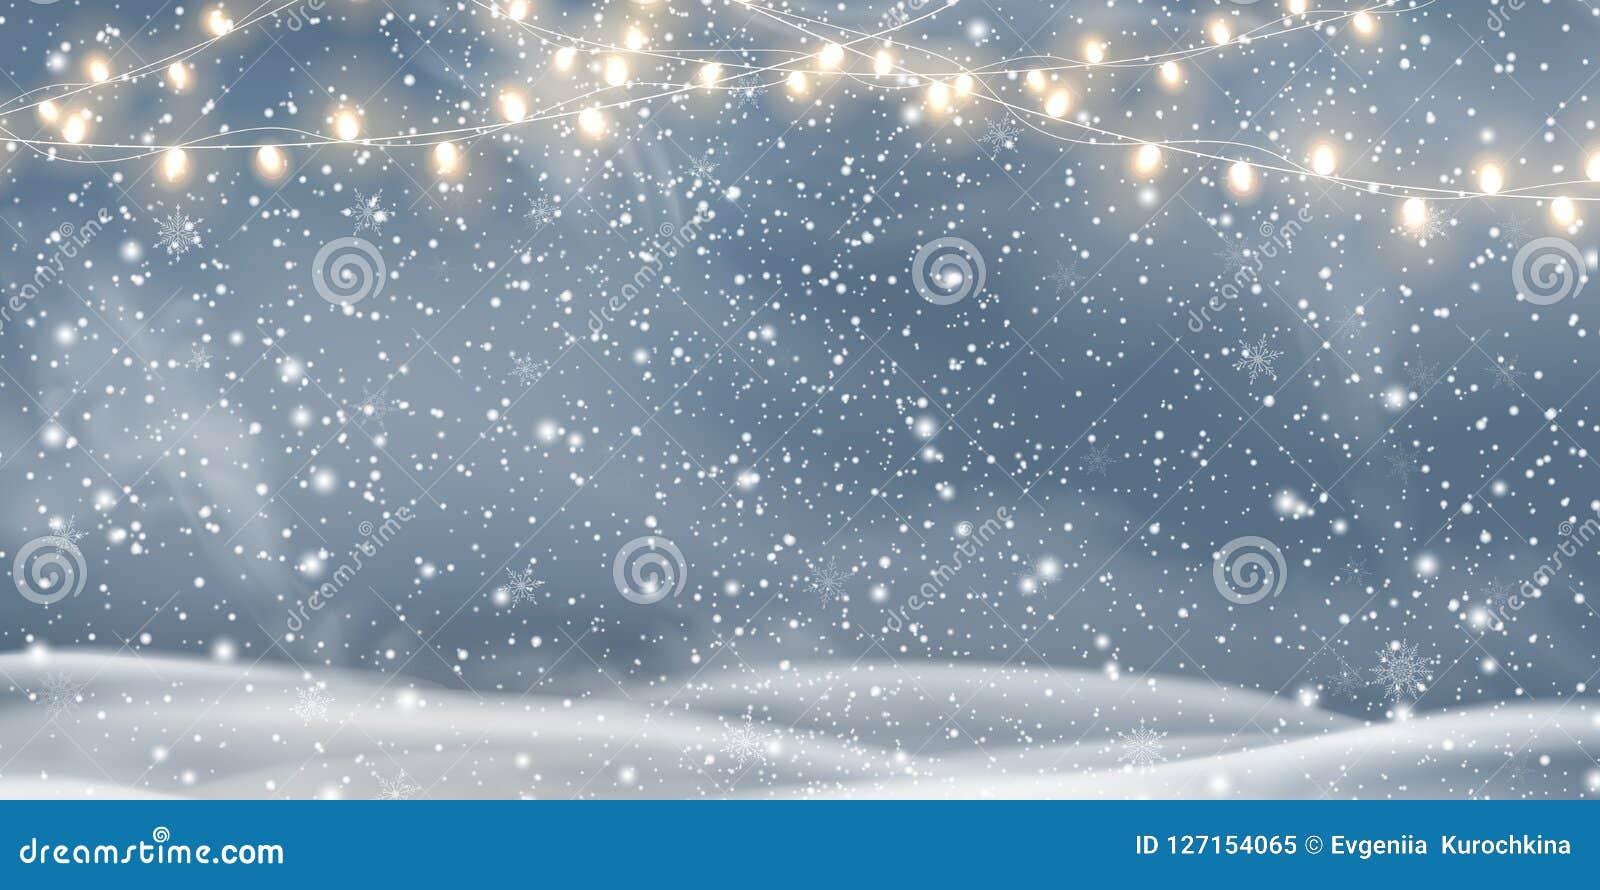 Vectornachtkerstmis, Sneeuwlandschap met lichte slingers, sneeuw, sneeuwvlokken, sneeuwbank Gelukkig Nieuwjaar Vakantie de winter